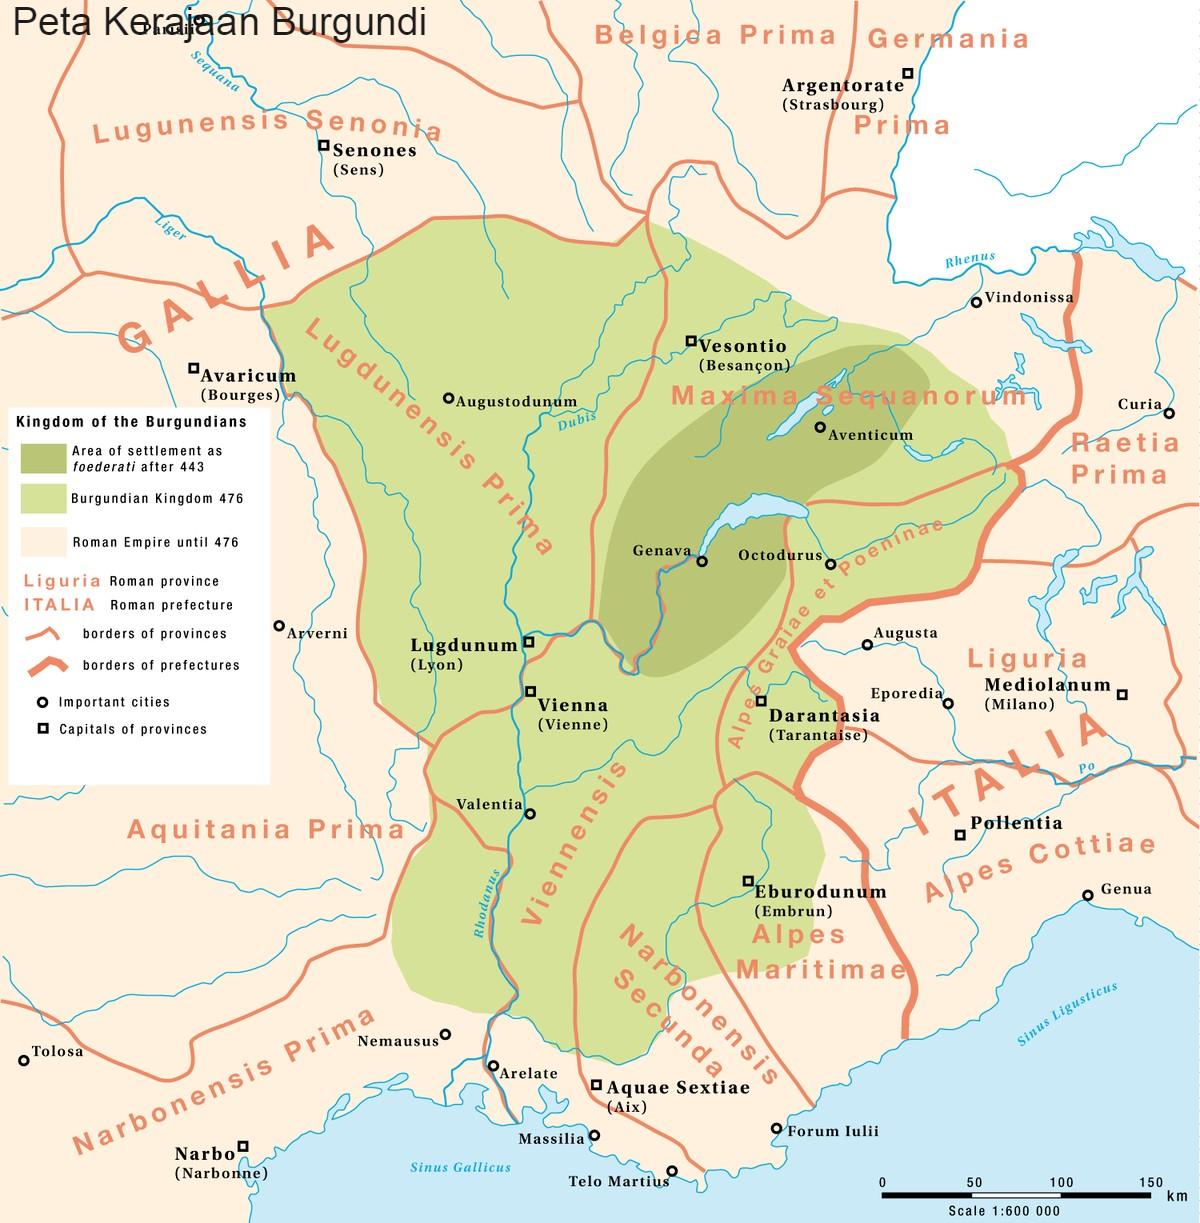 Peta Kerajaan Burgundi